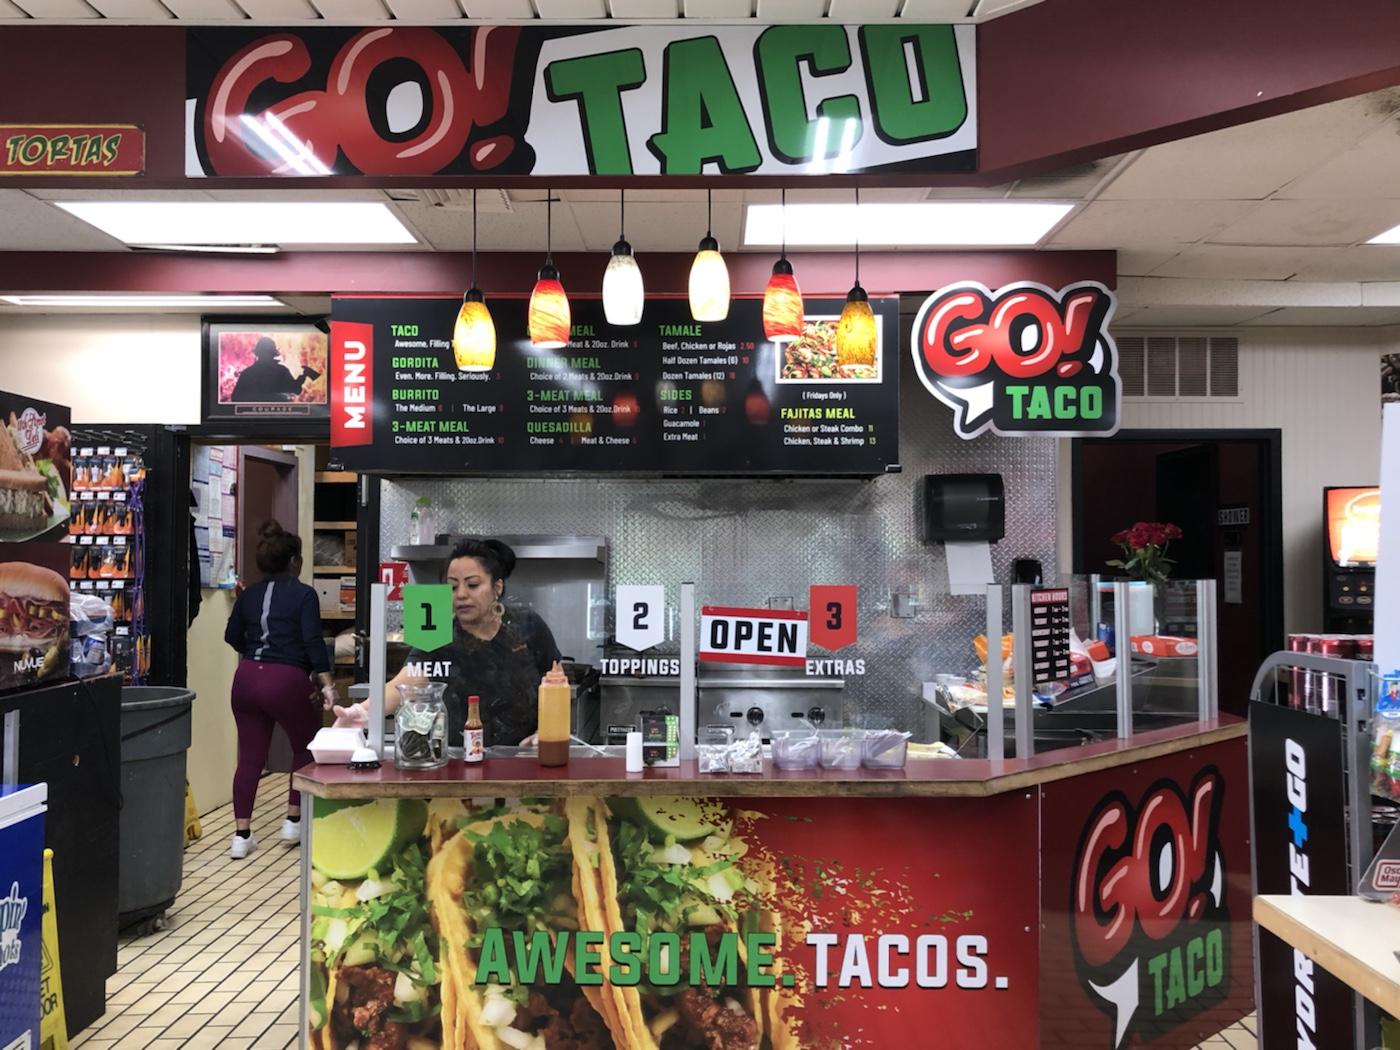 Go Taco!